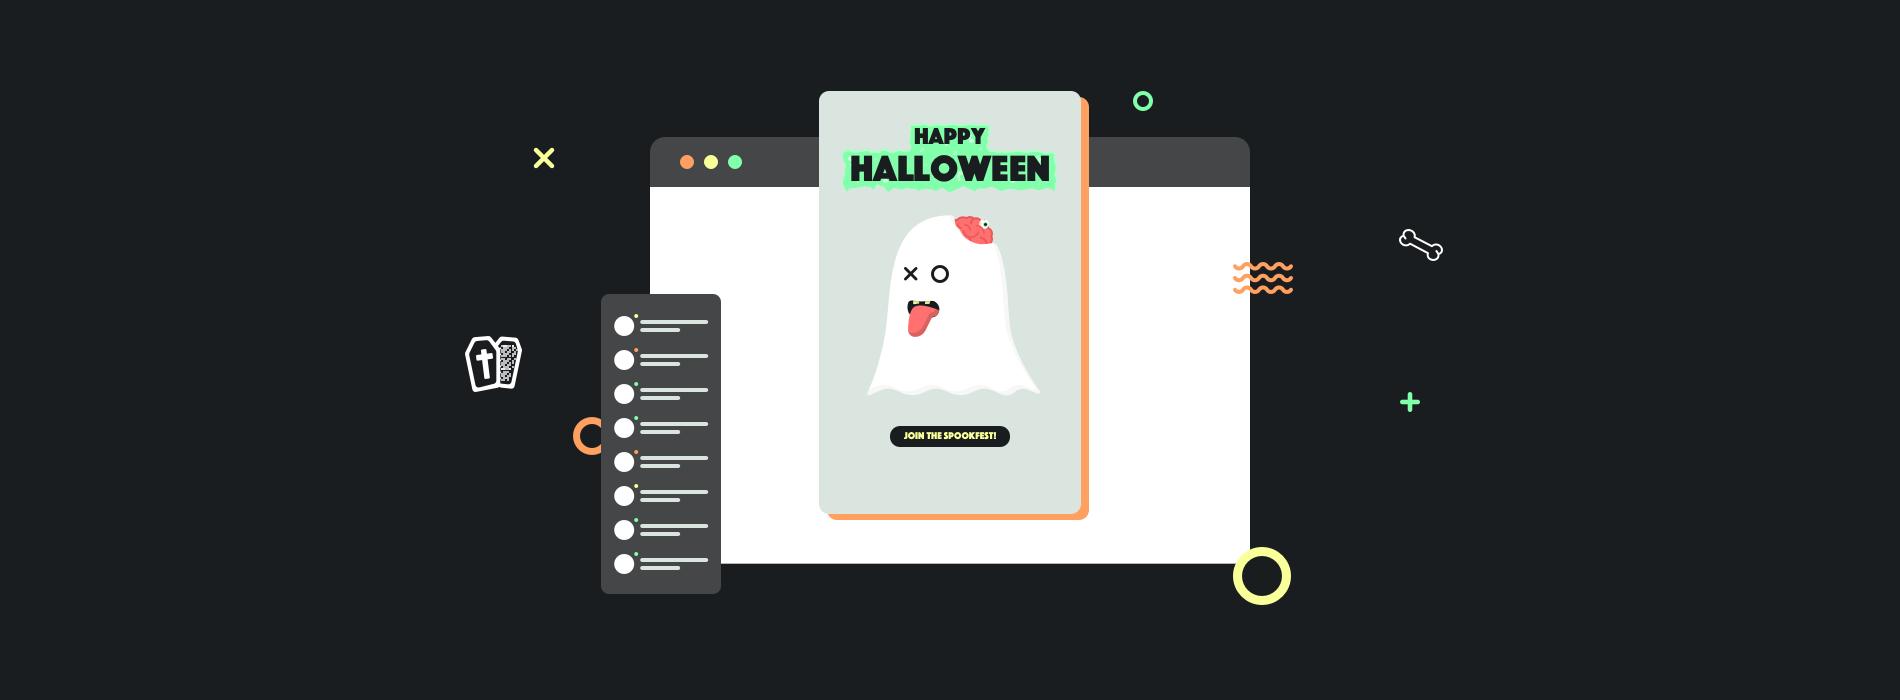 Emails d'Halloween : les bonnes pratiques à suivre et les faux pas à éviter !